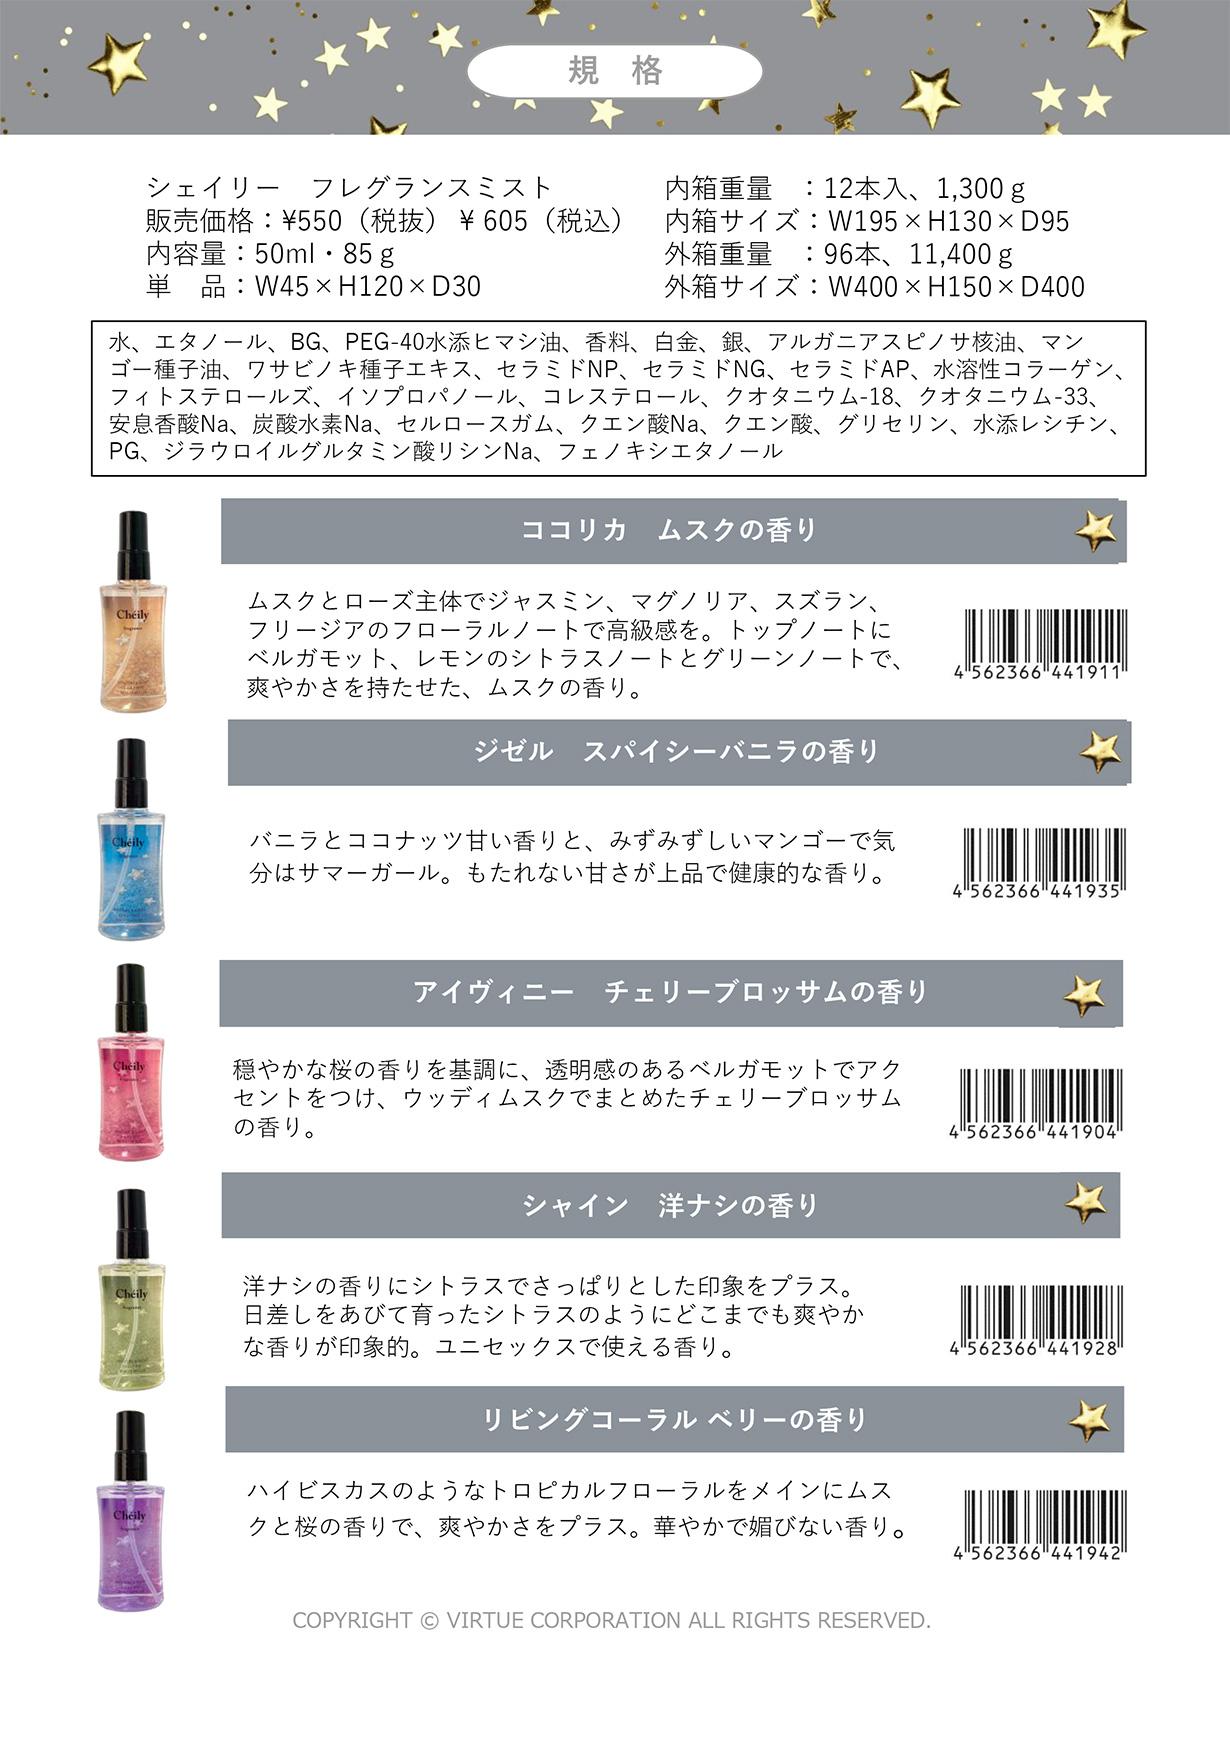 【規定書】シェイリー フレグランスミスト(3)